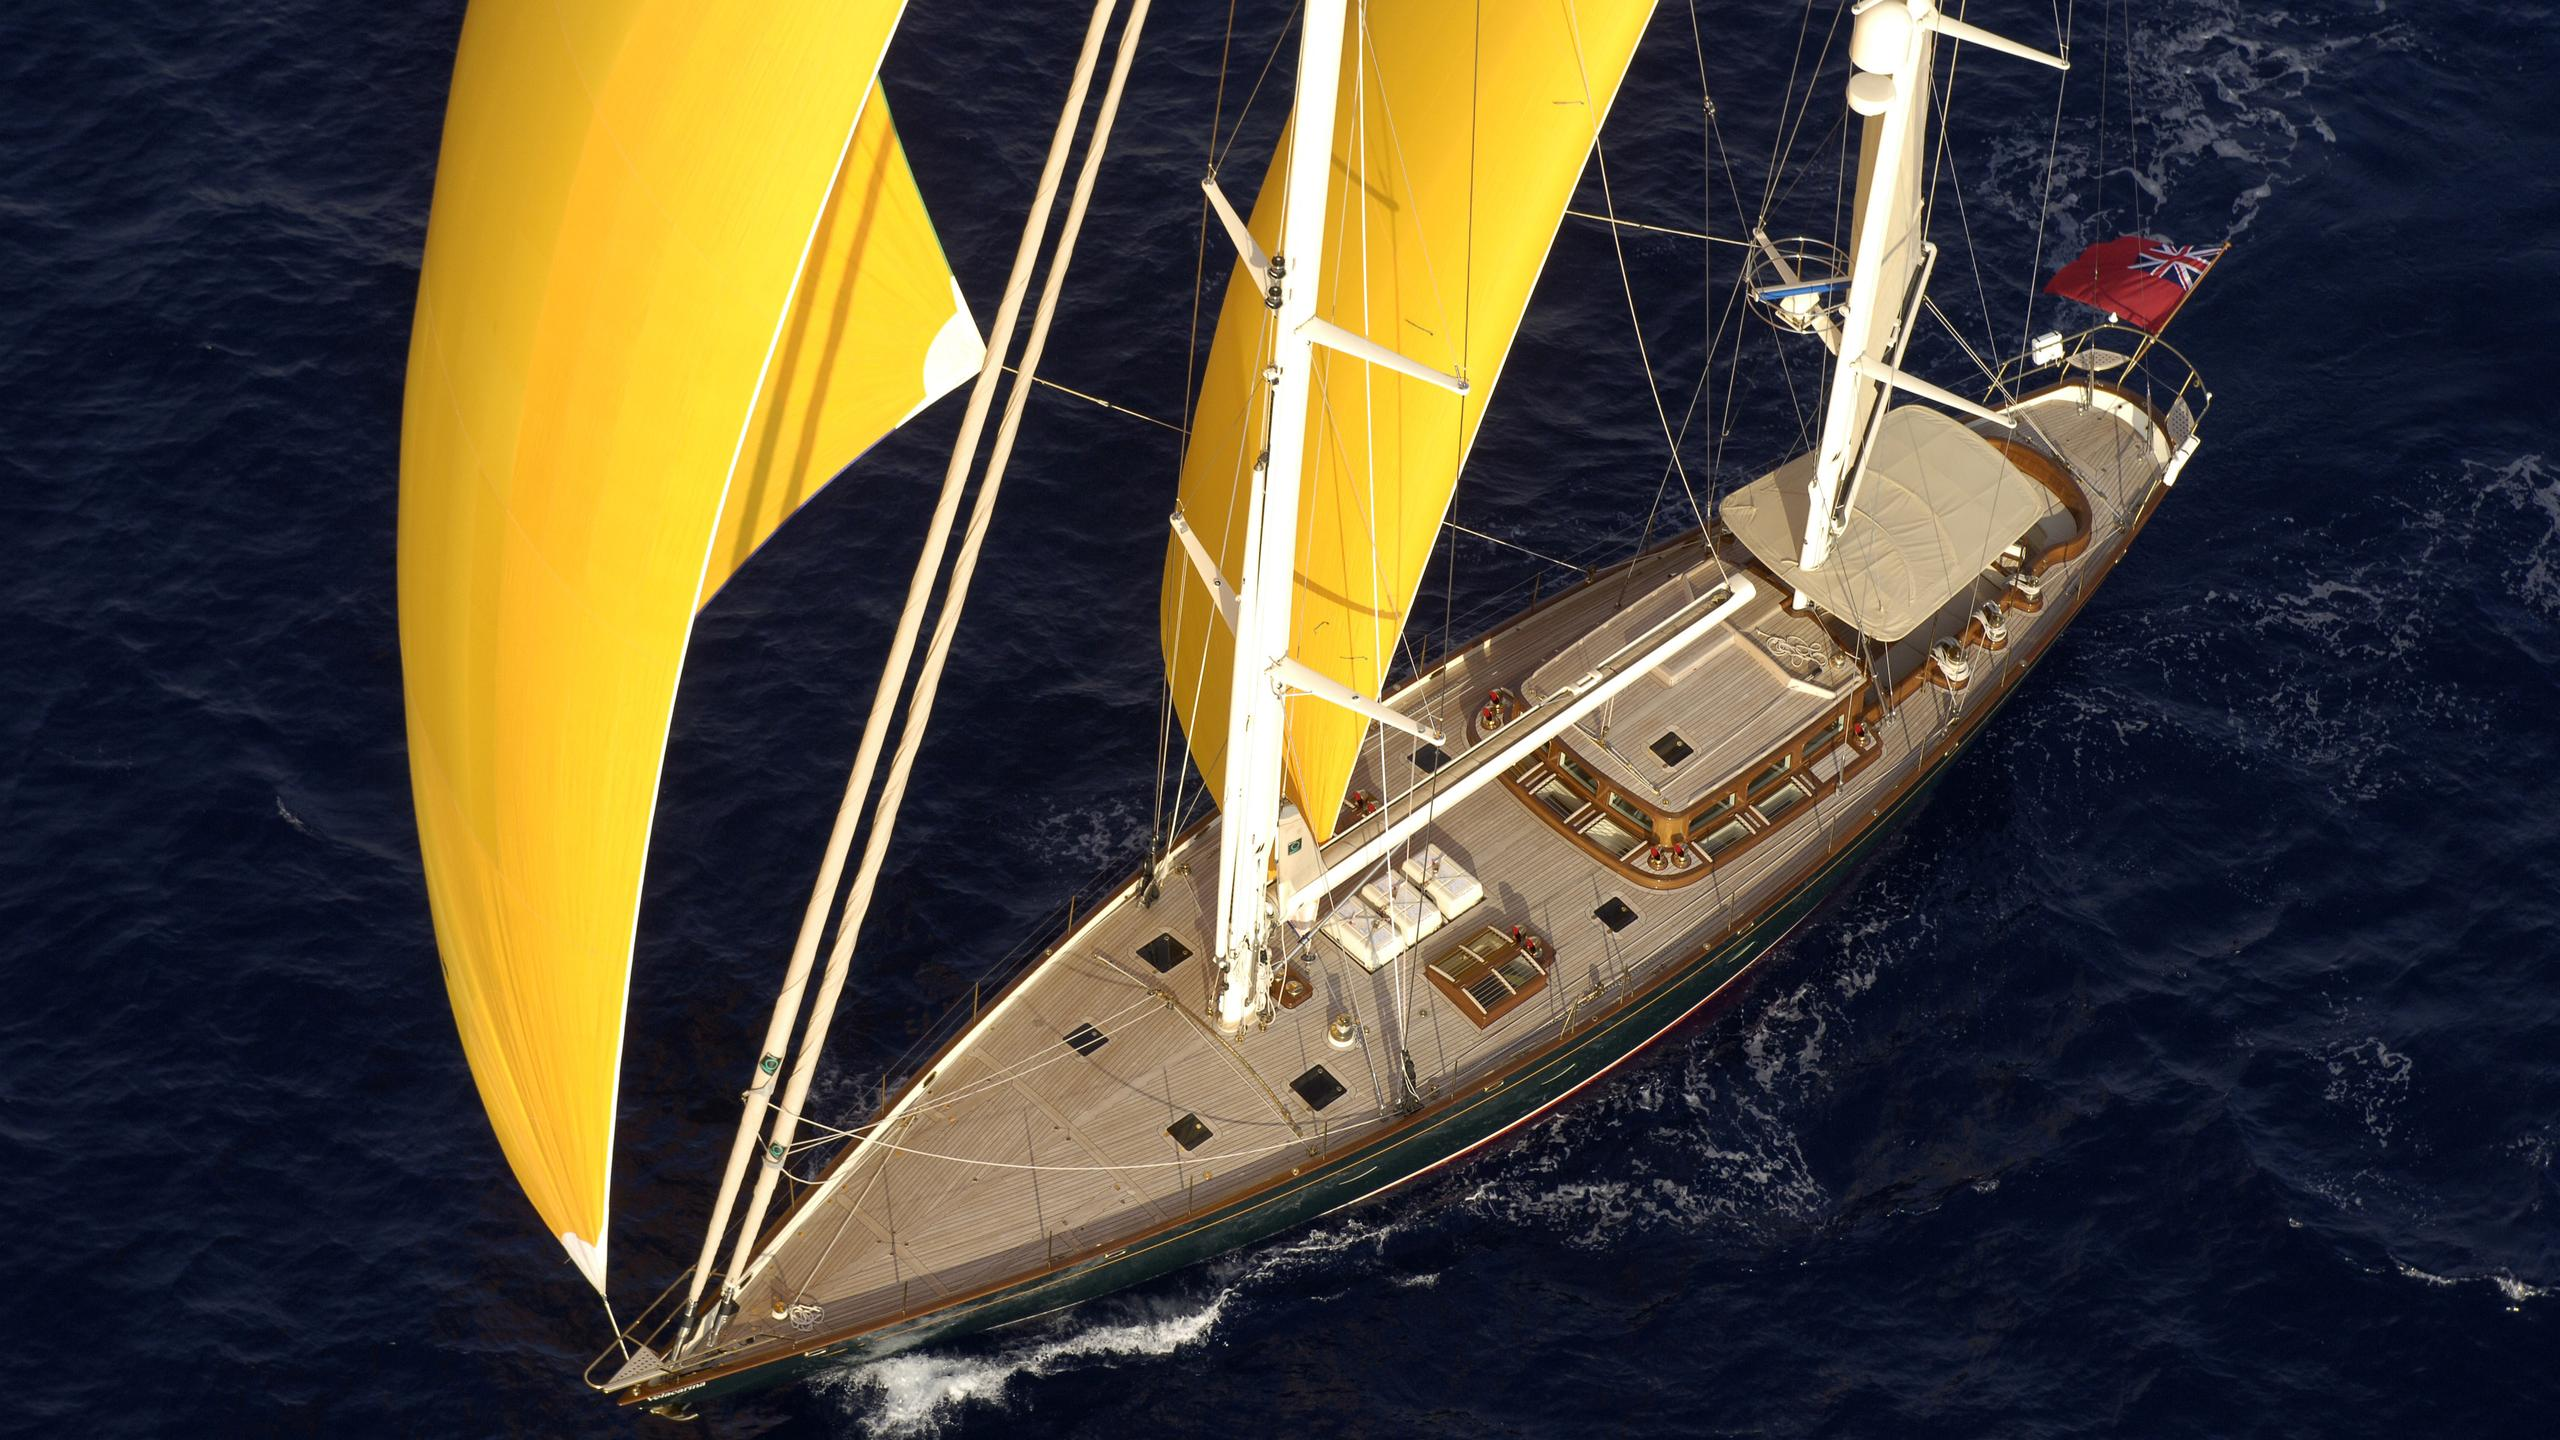 velacarina-yacht-aerial